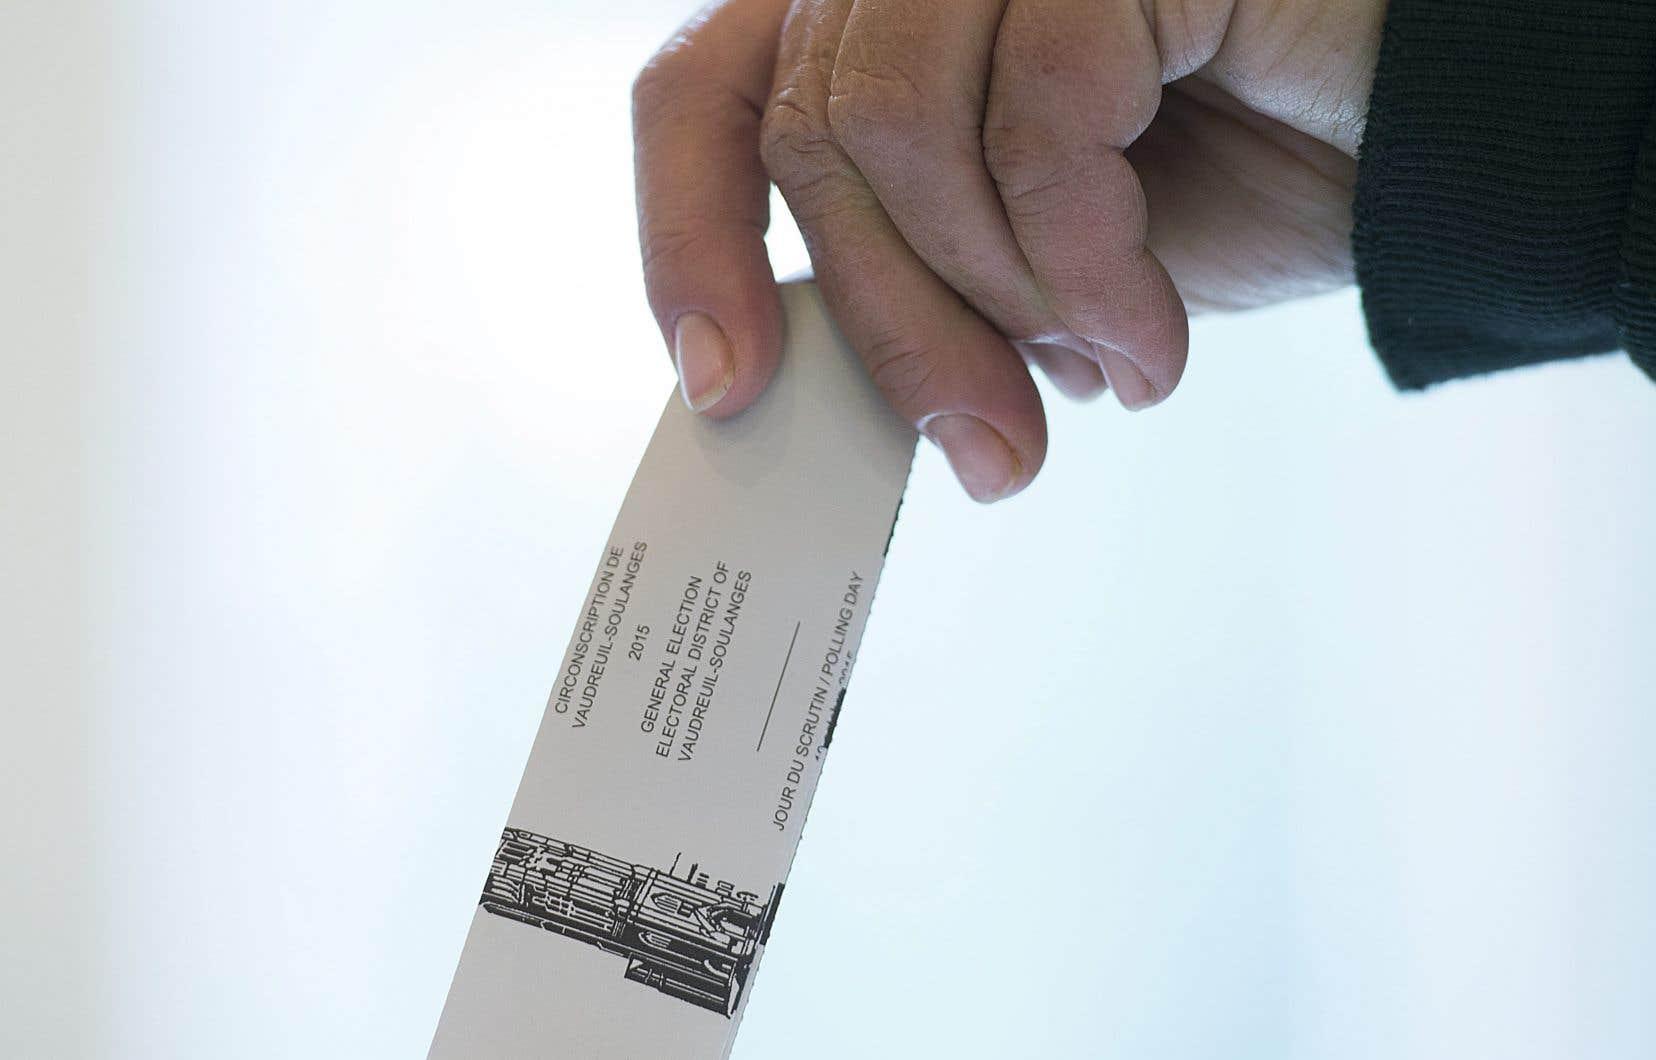 En vertu de la loi, les élections fédérales peuvent se tenir au plus tard le 21octobre, jour qui coïncide cette année avec une fête juive appelée Chemini Atseret.